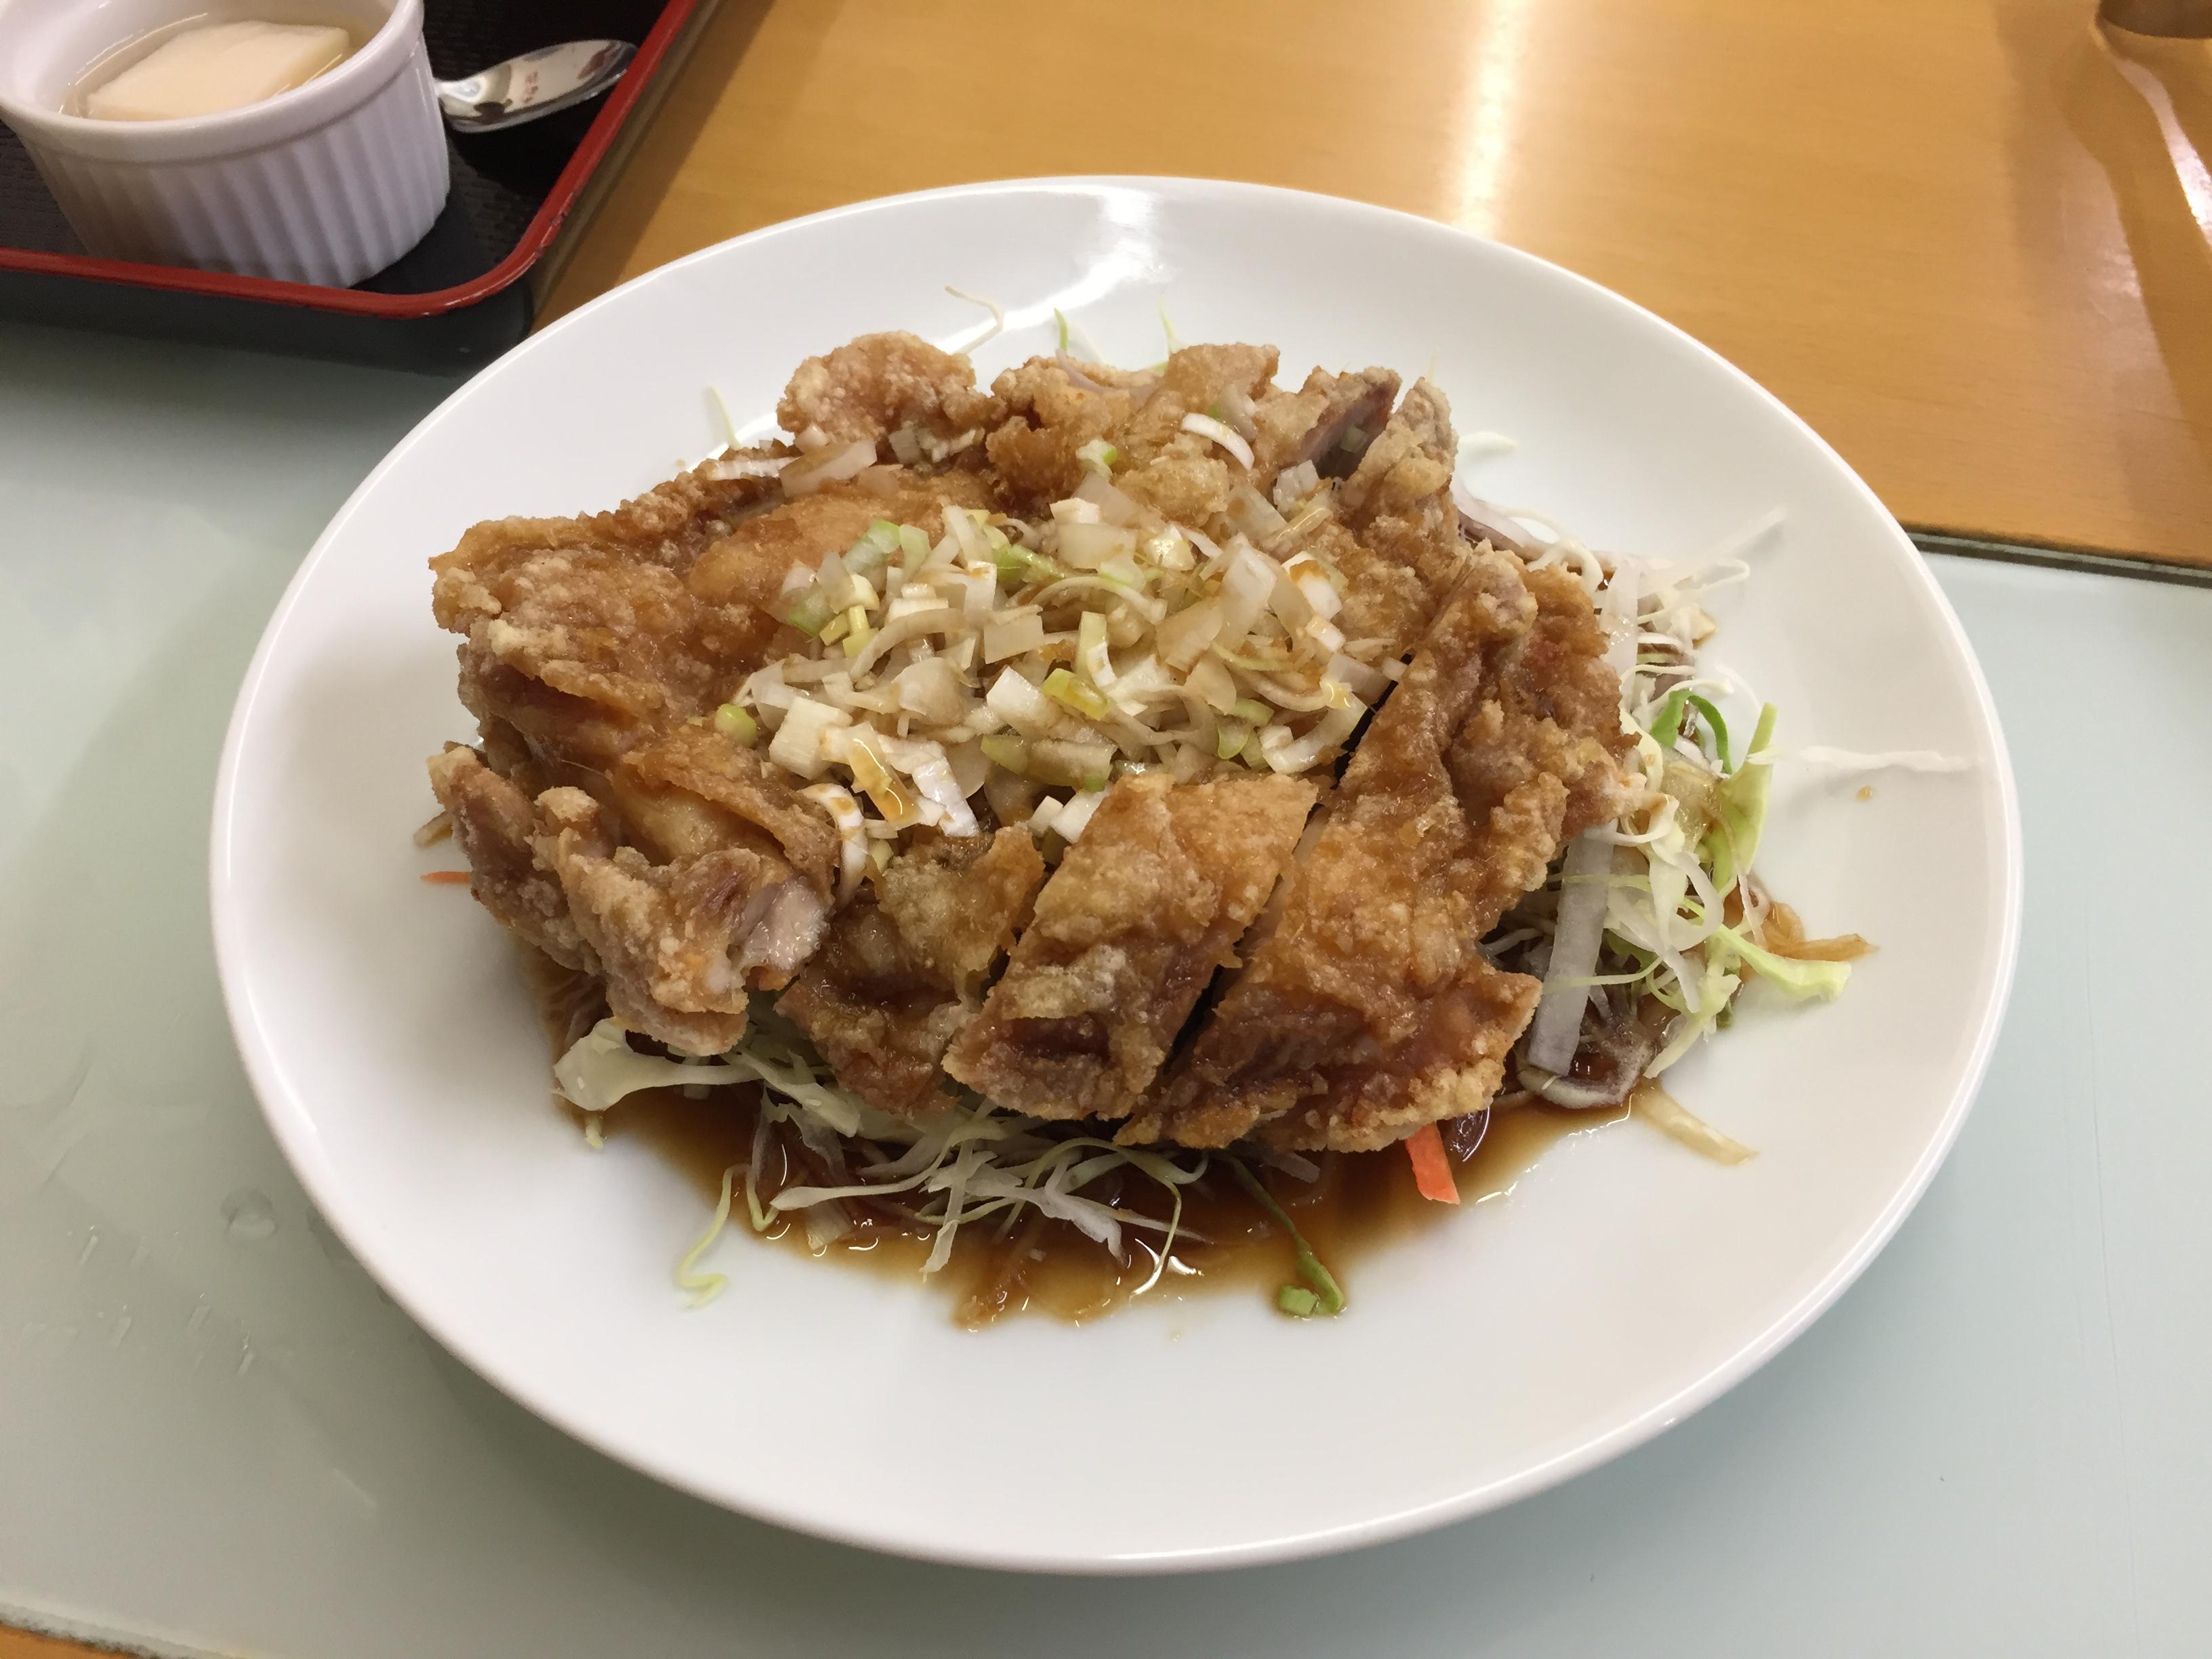 ユーリンチ(若鶏の甘酢ソースかけ) 900円